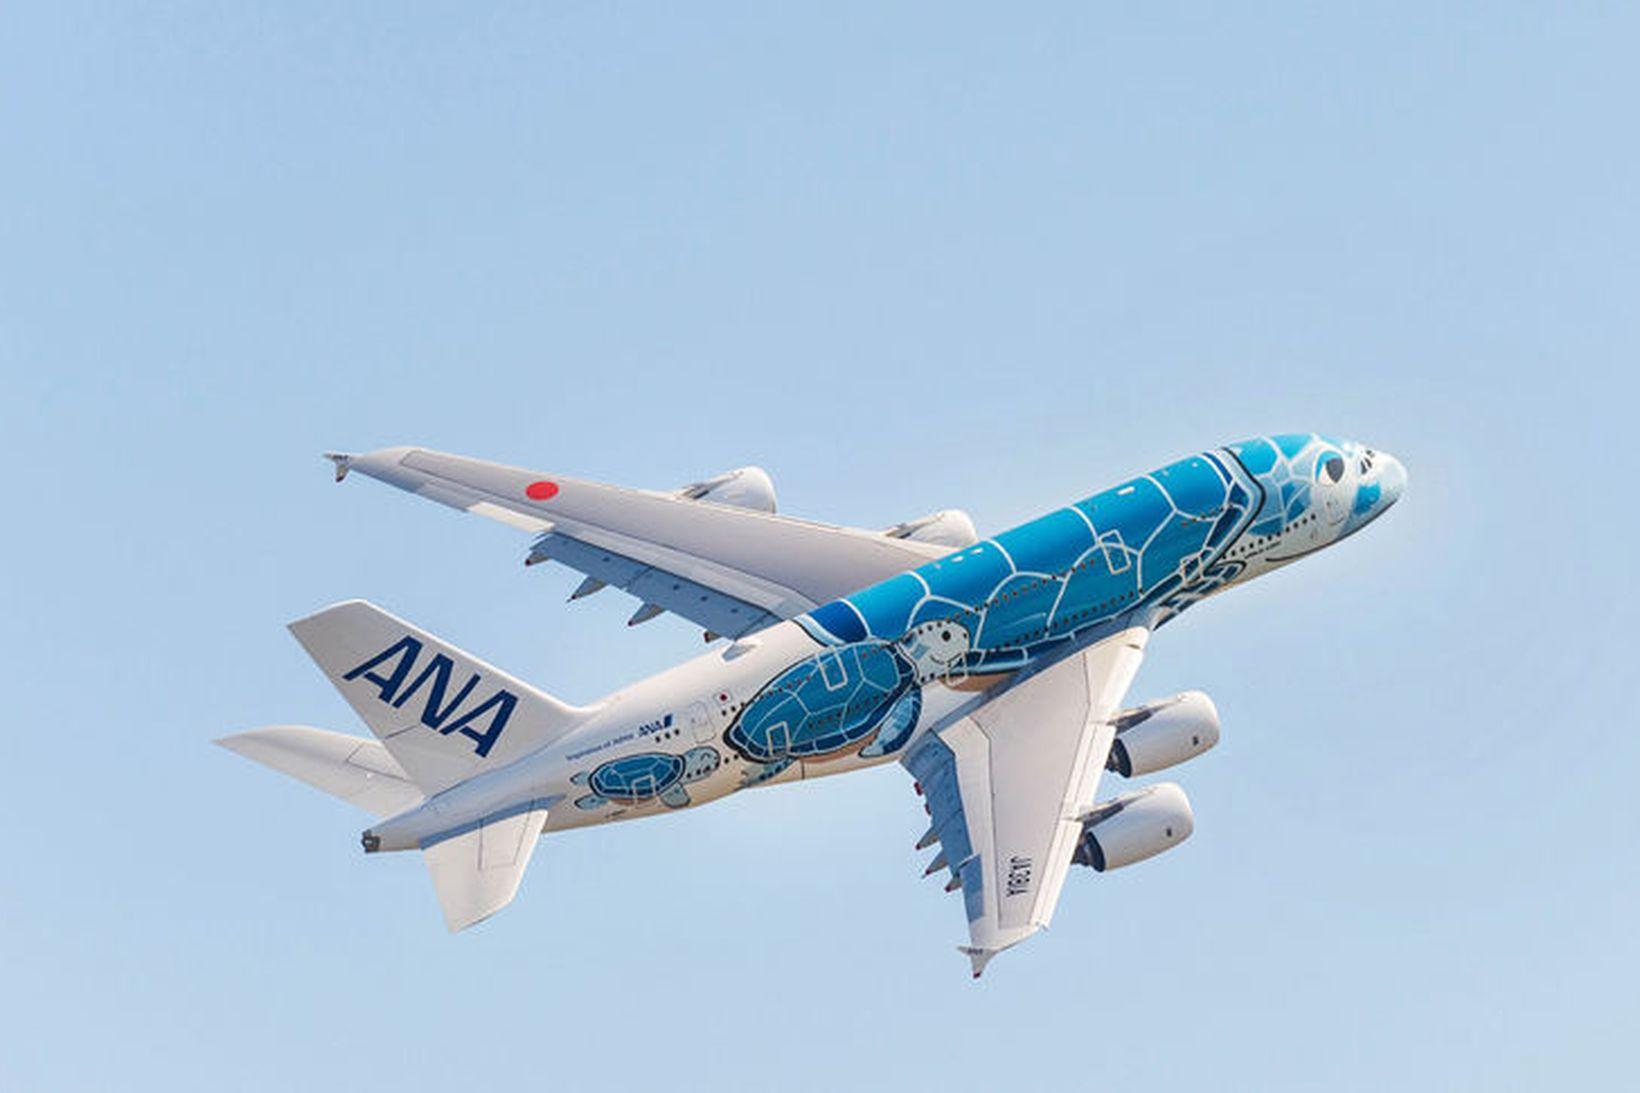 A380. Langstærsta farþegaþota heims. Fullhlaðin vegur vélin 560 tonn.